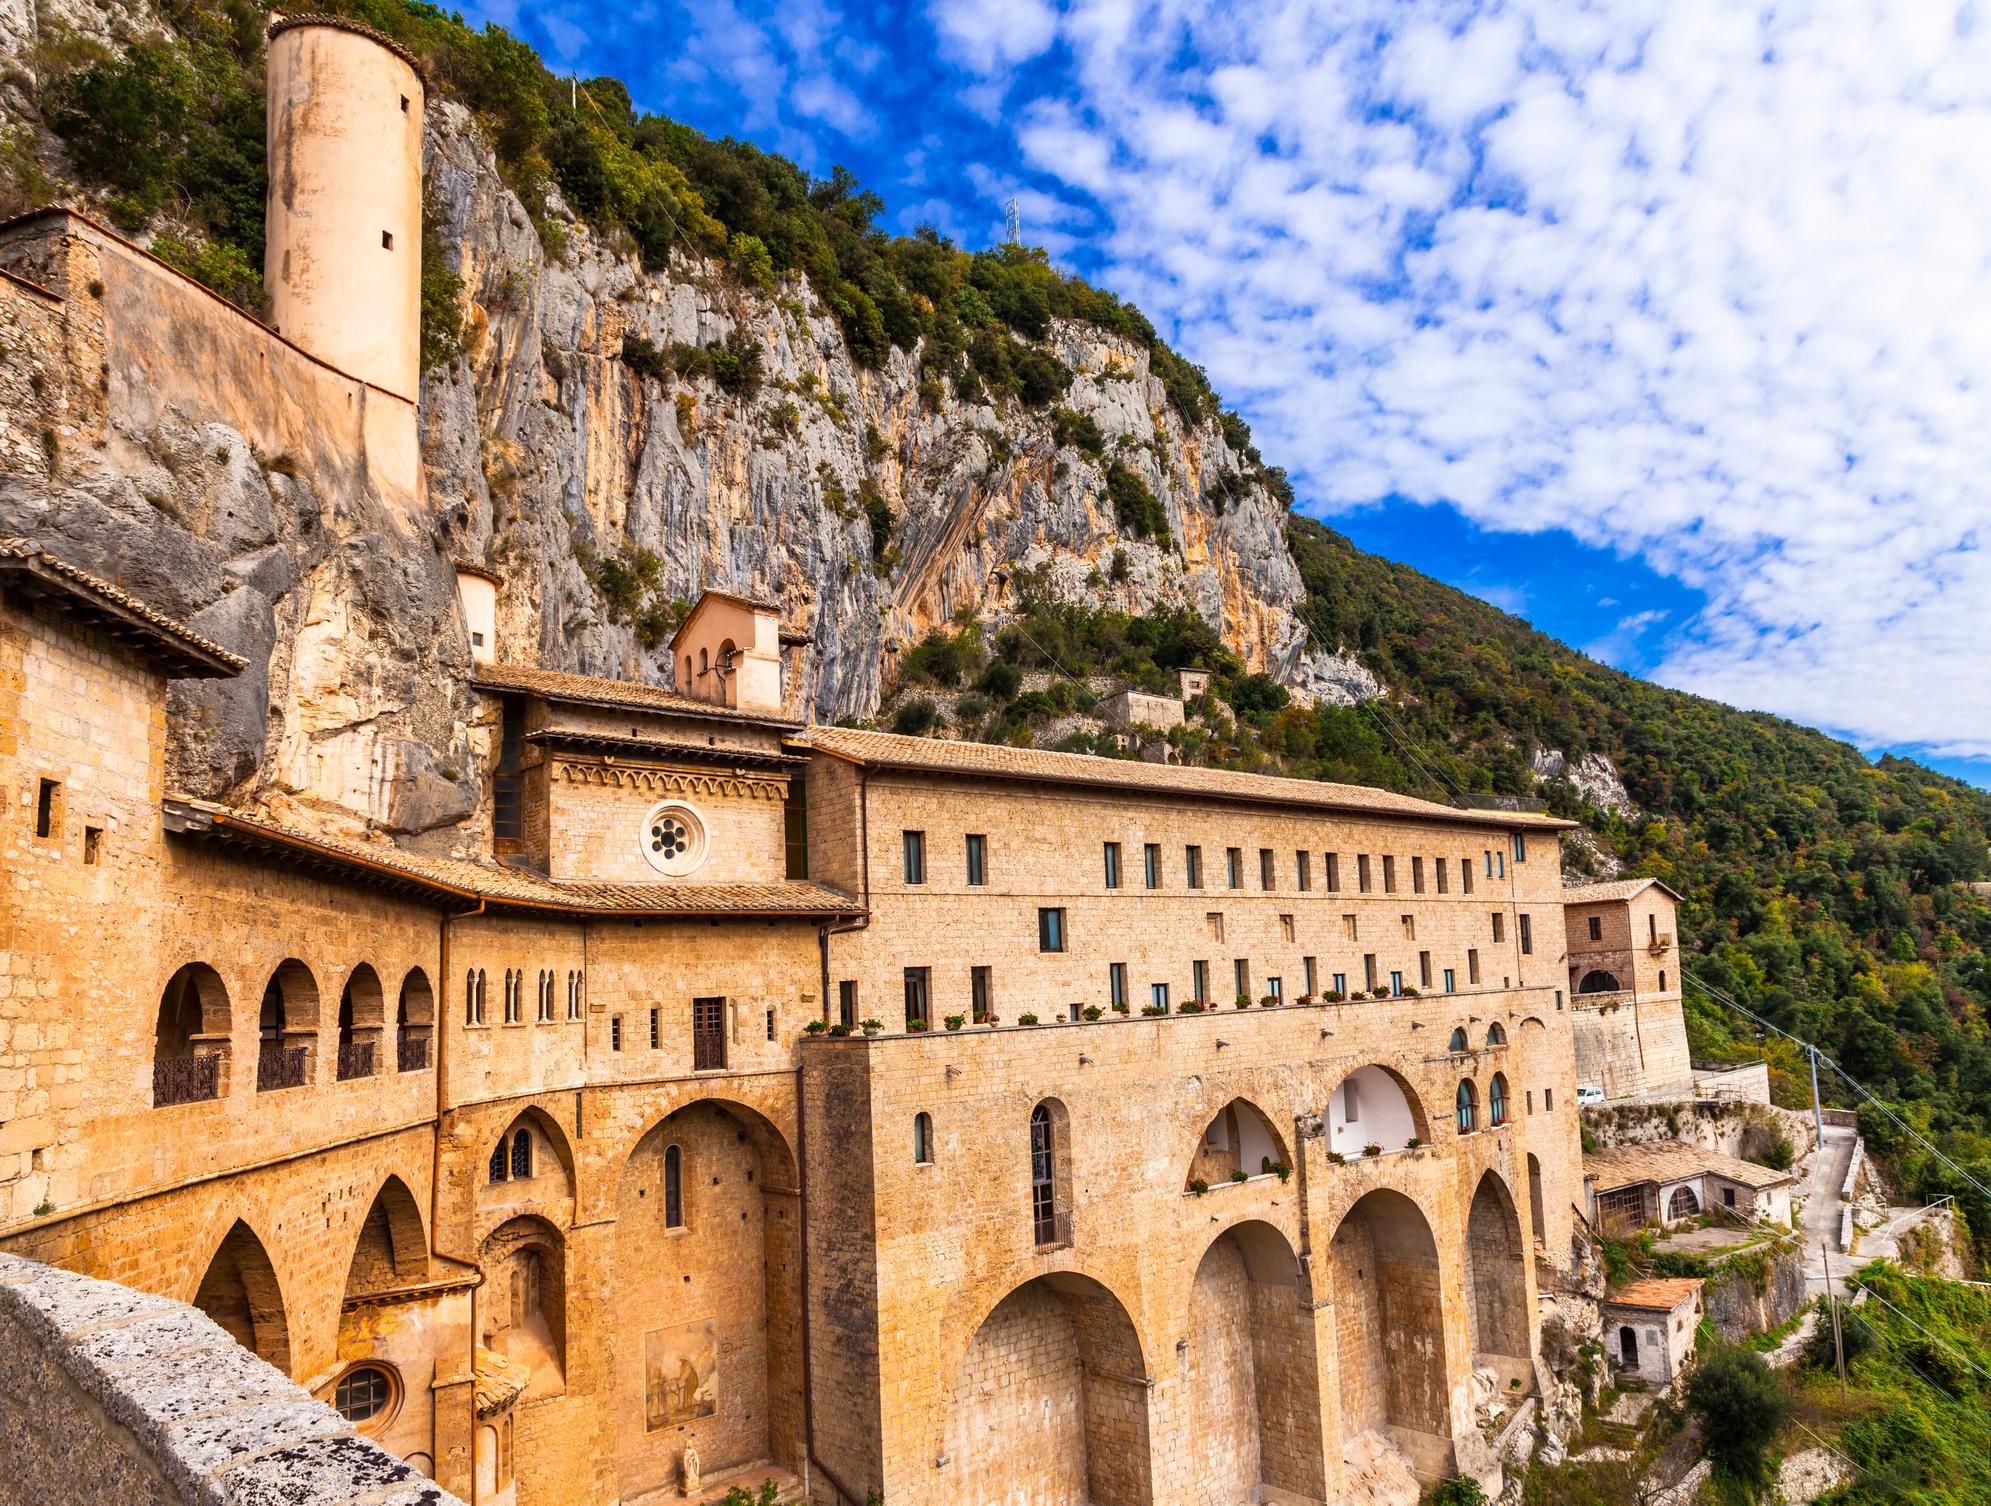 Monastery Of St. Benedict Near